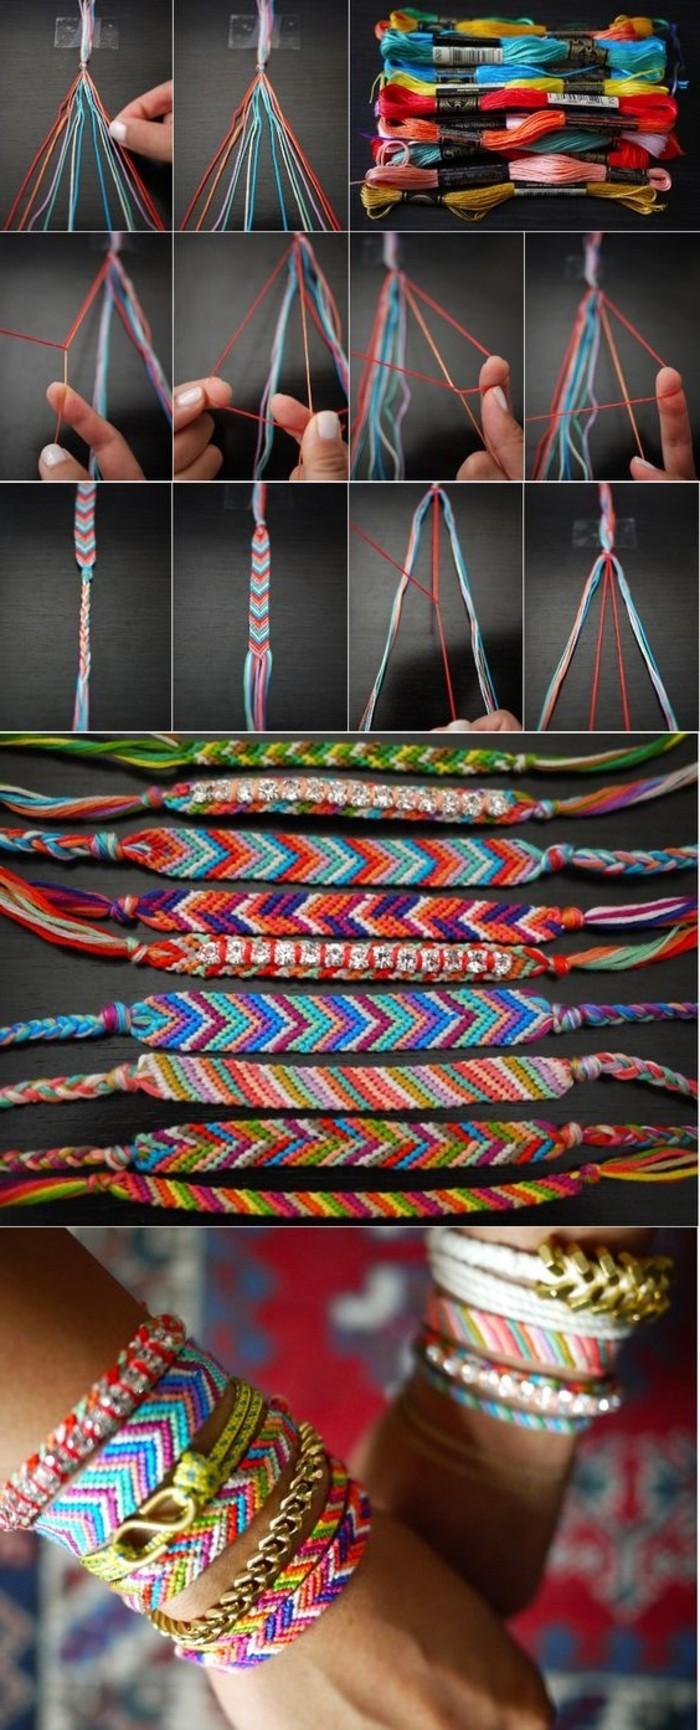 macramé tuto, bracelets multicolore, accessoires bohème, bracelet macramé tuto